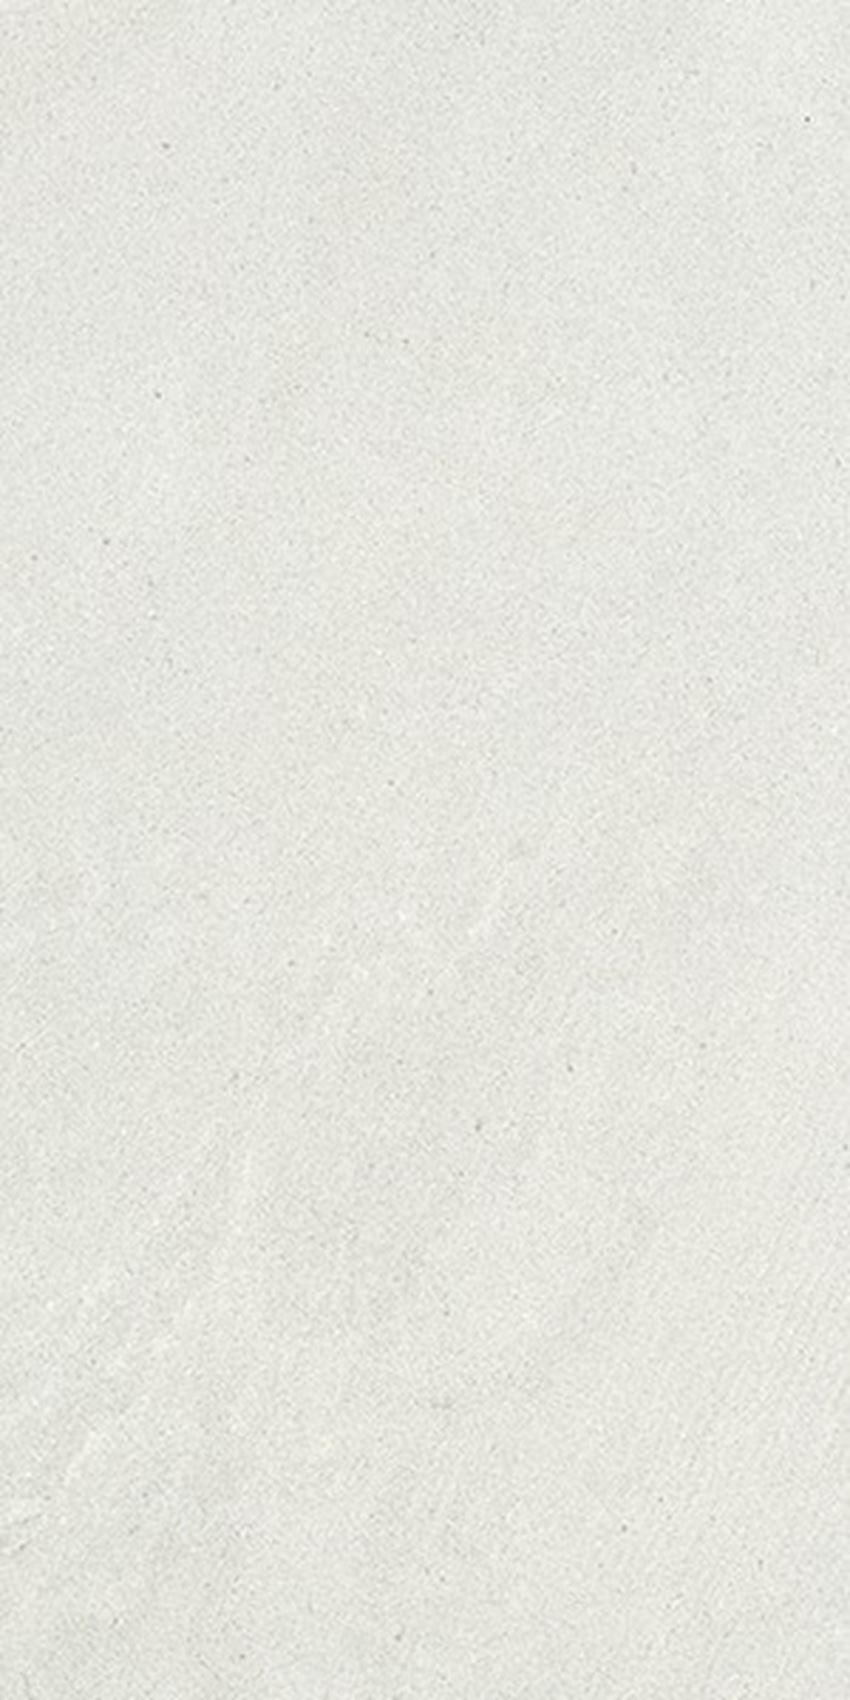 Płytka uniwersalna natura 29,7x59,7 cm Nowa Gala Vario VR 01